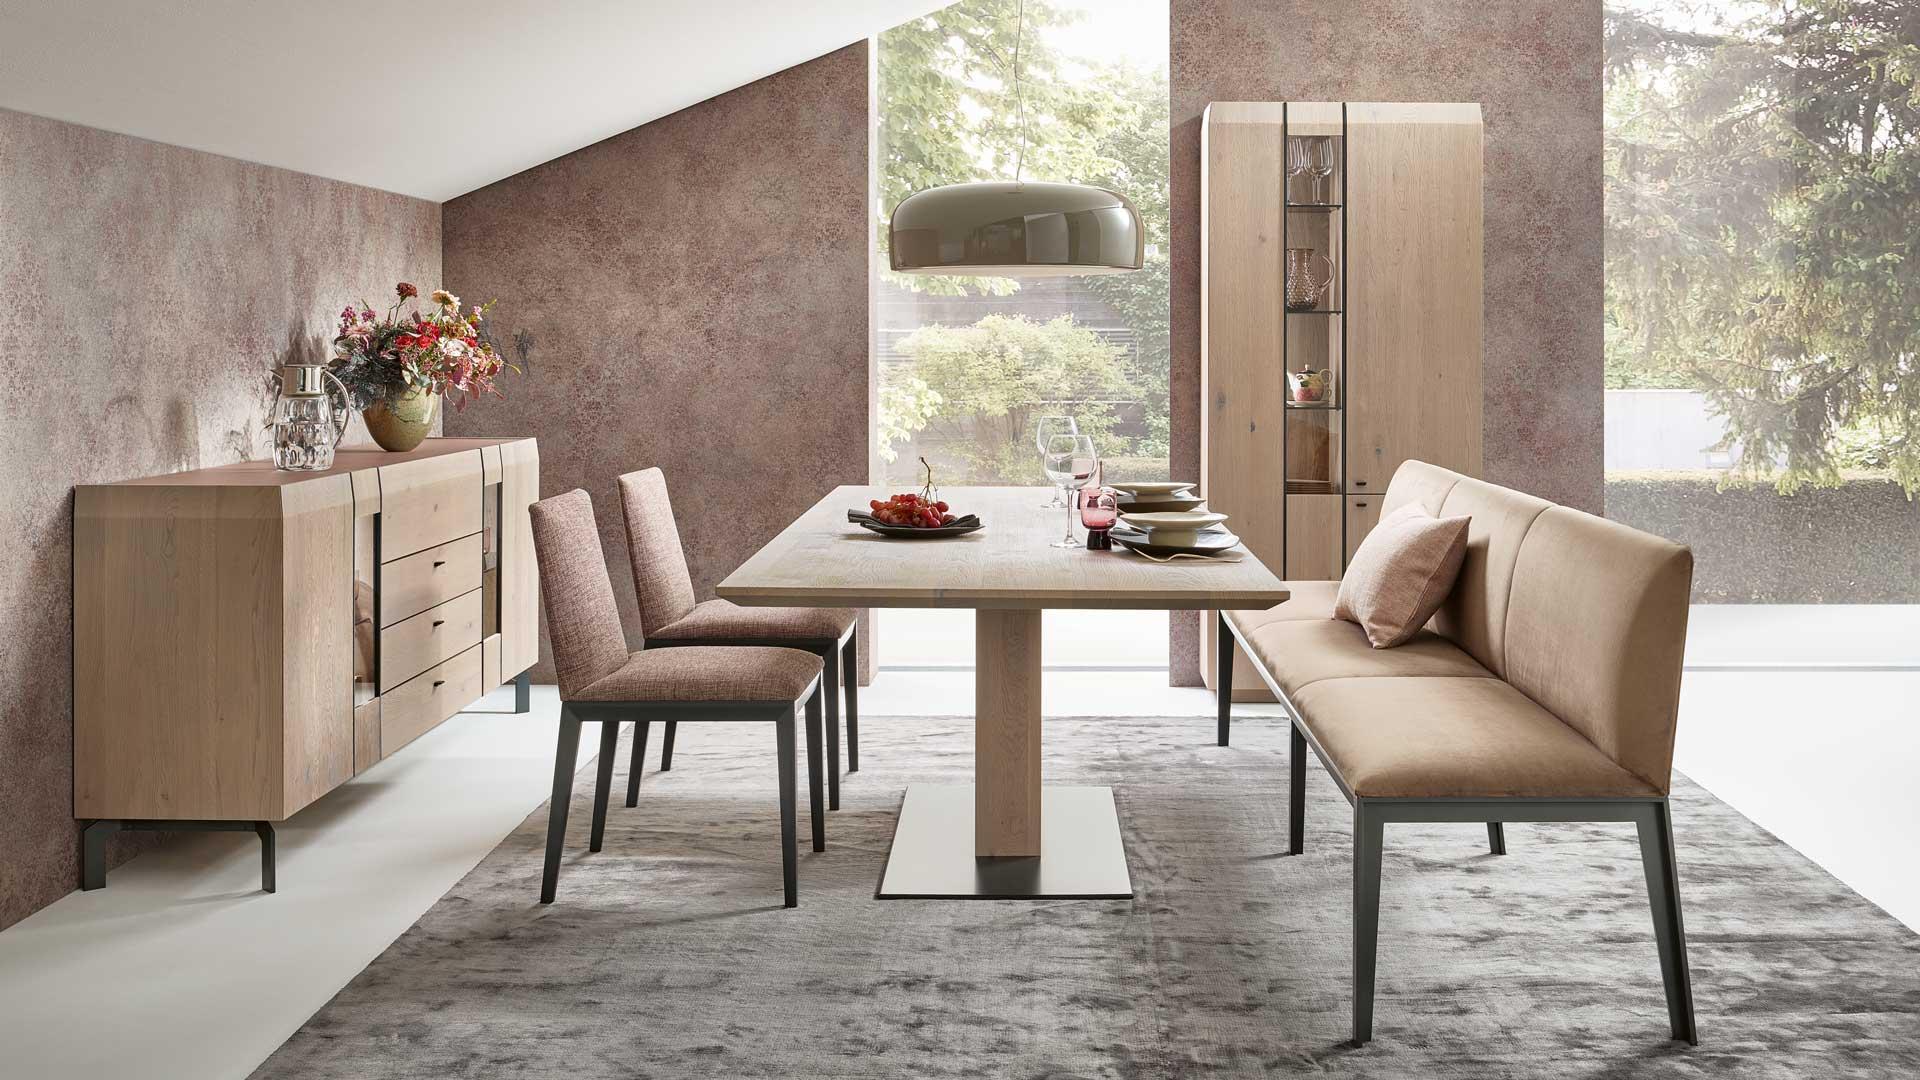 Pendl Möbel Einrichtung für Ihre offene Wohnküche in Leoben